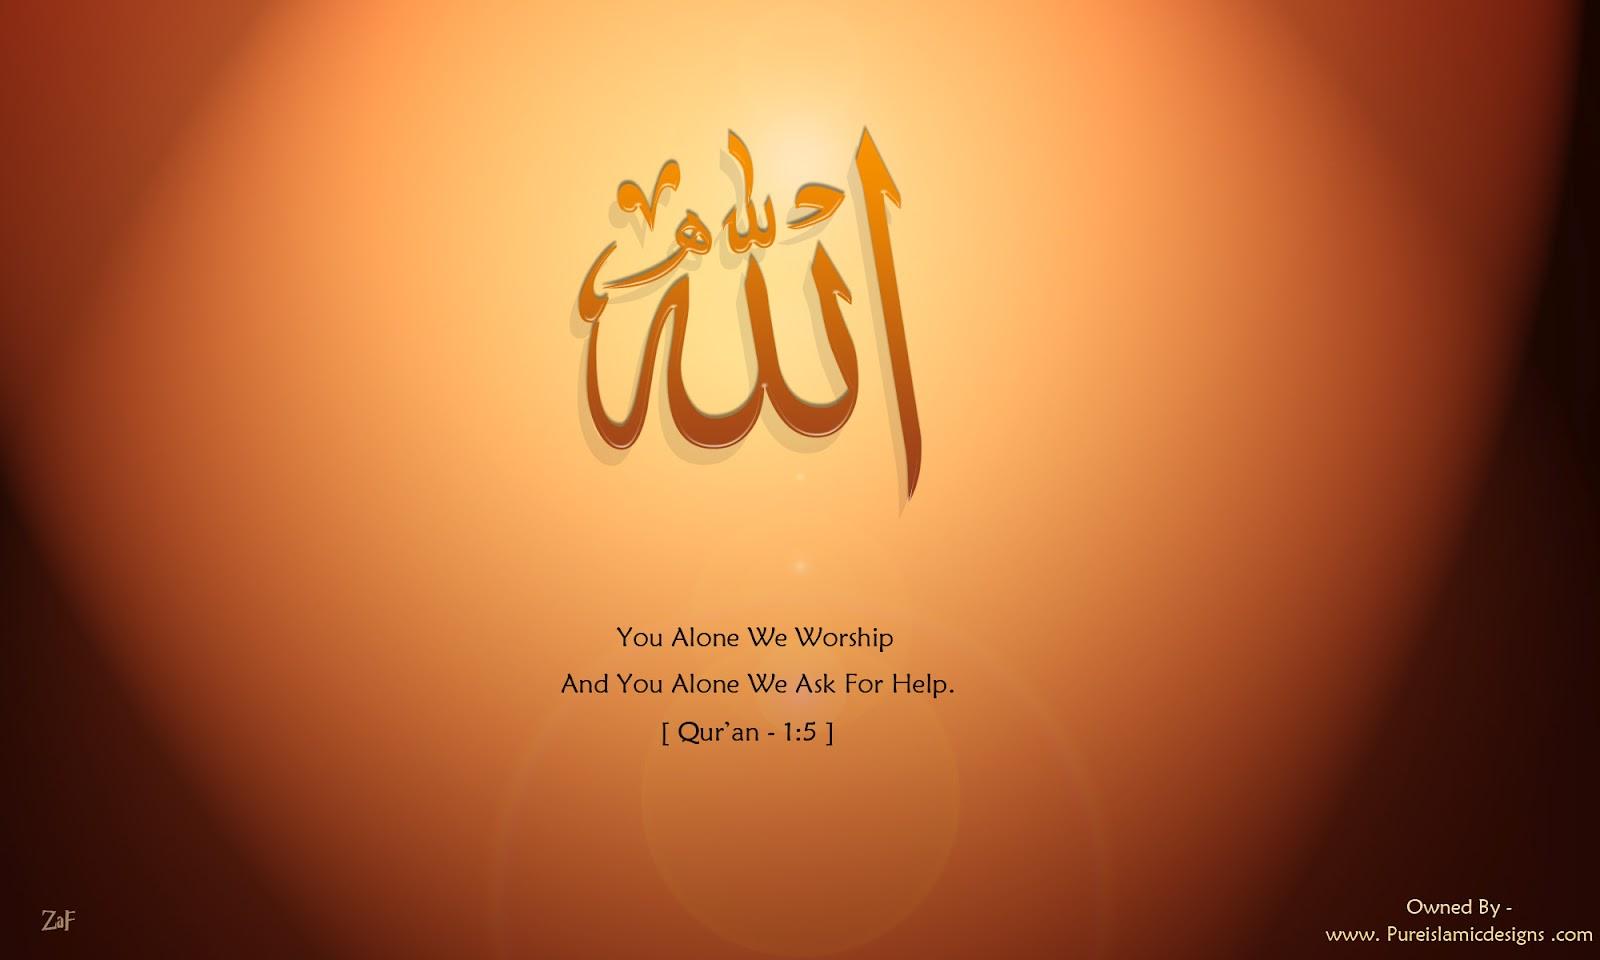 Allah Alone We Worship